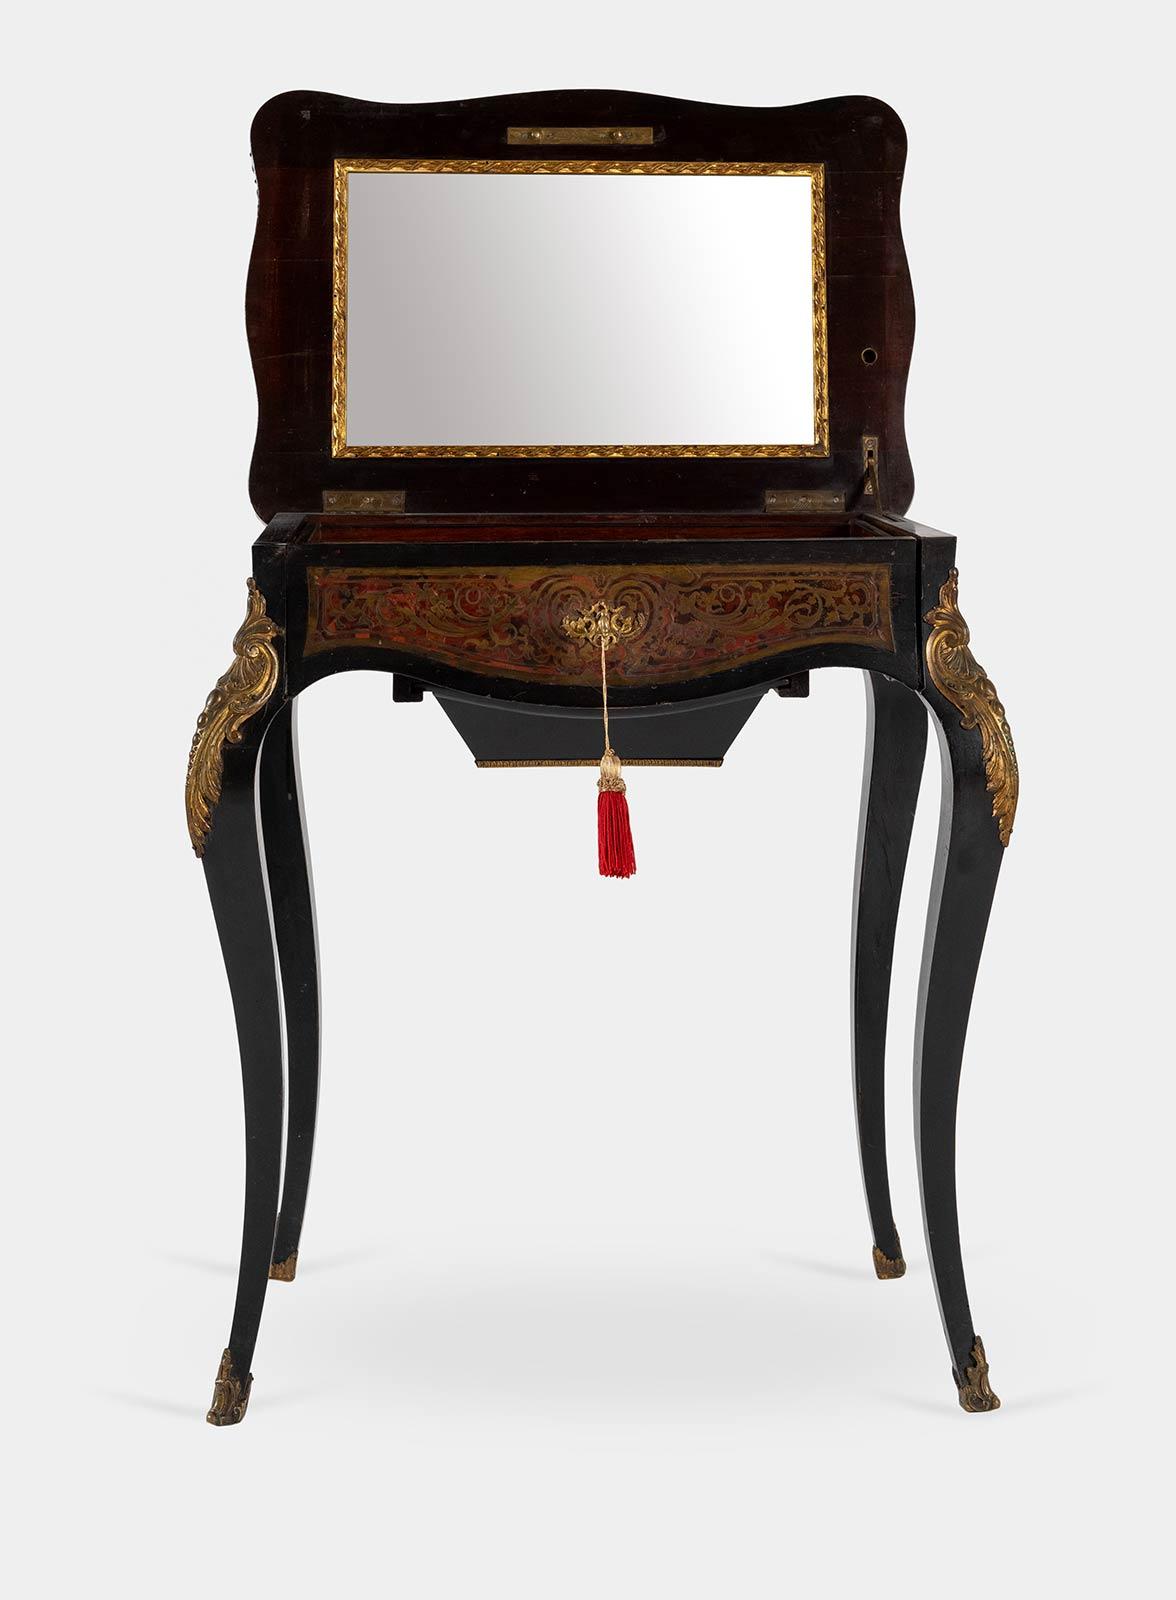 Tavolino in stile Boulle, fine del XIX - inizio del XX sec. - Image 2 of 2